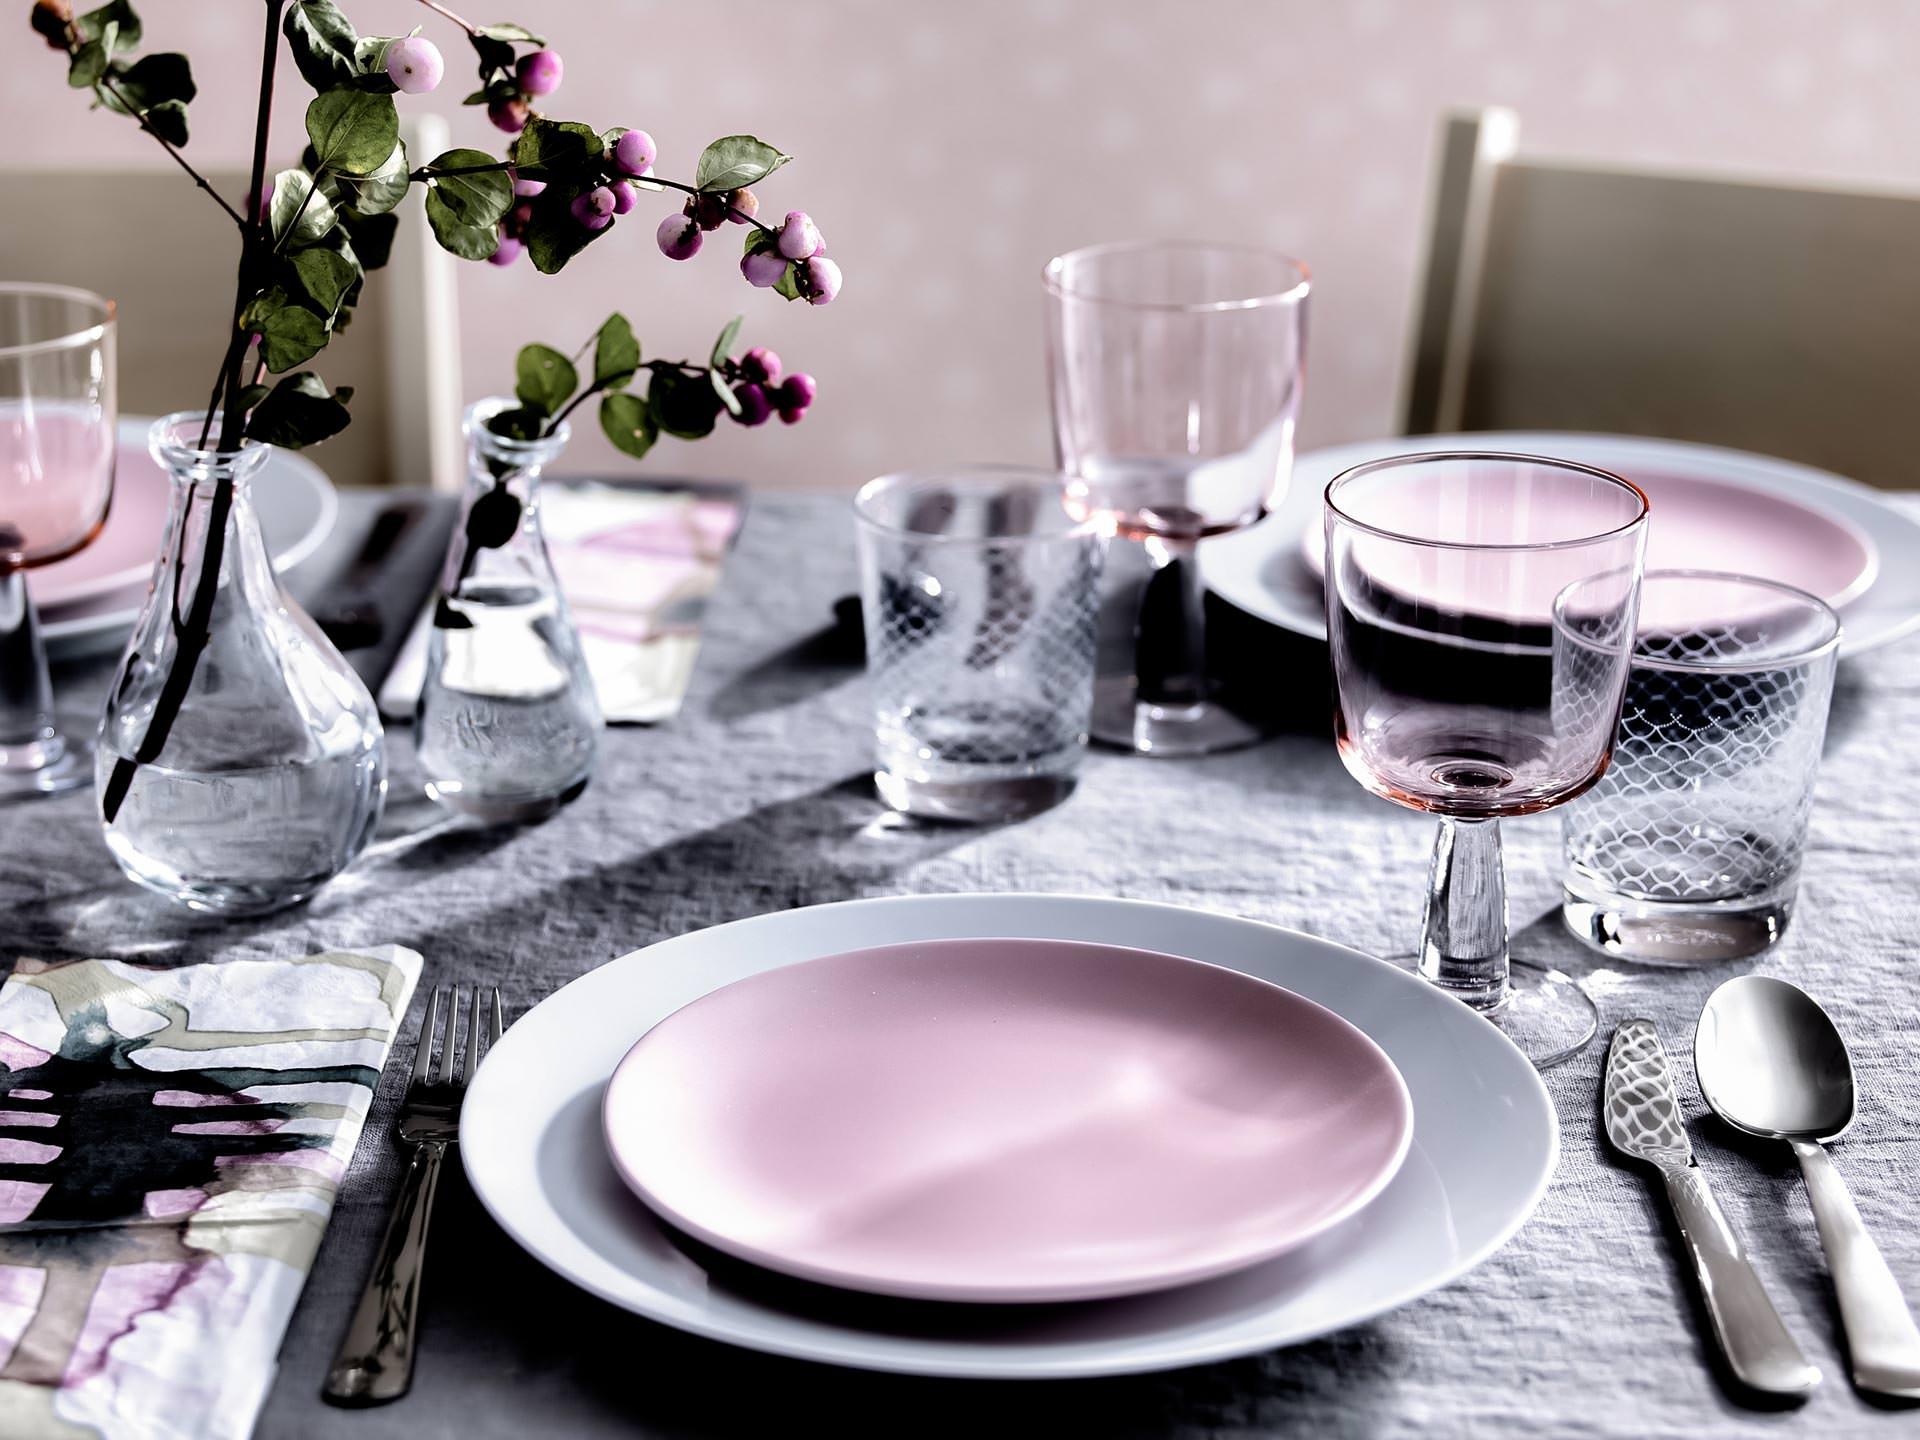 Einfache Dekoration Und Mobel Einrichten Mit Obst Und Weinkisten ...